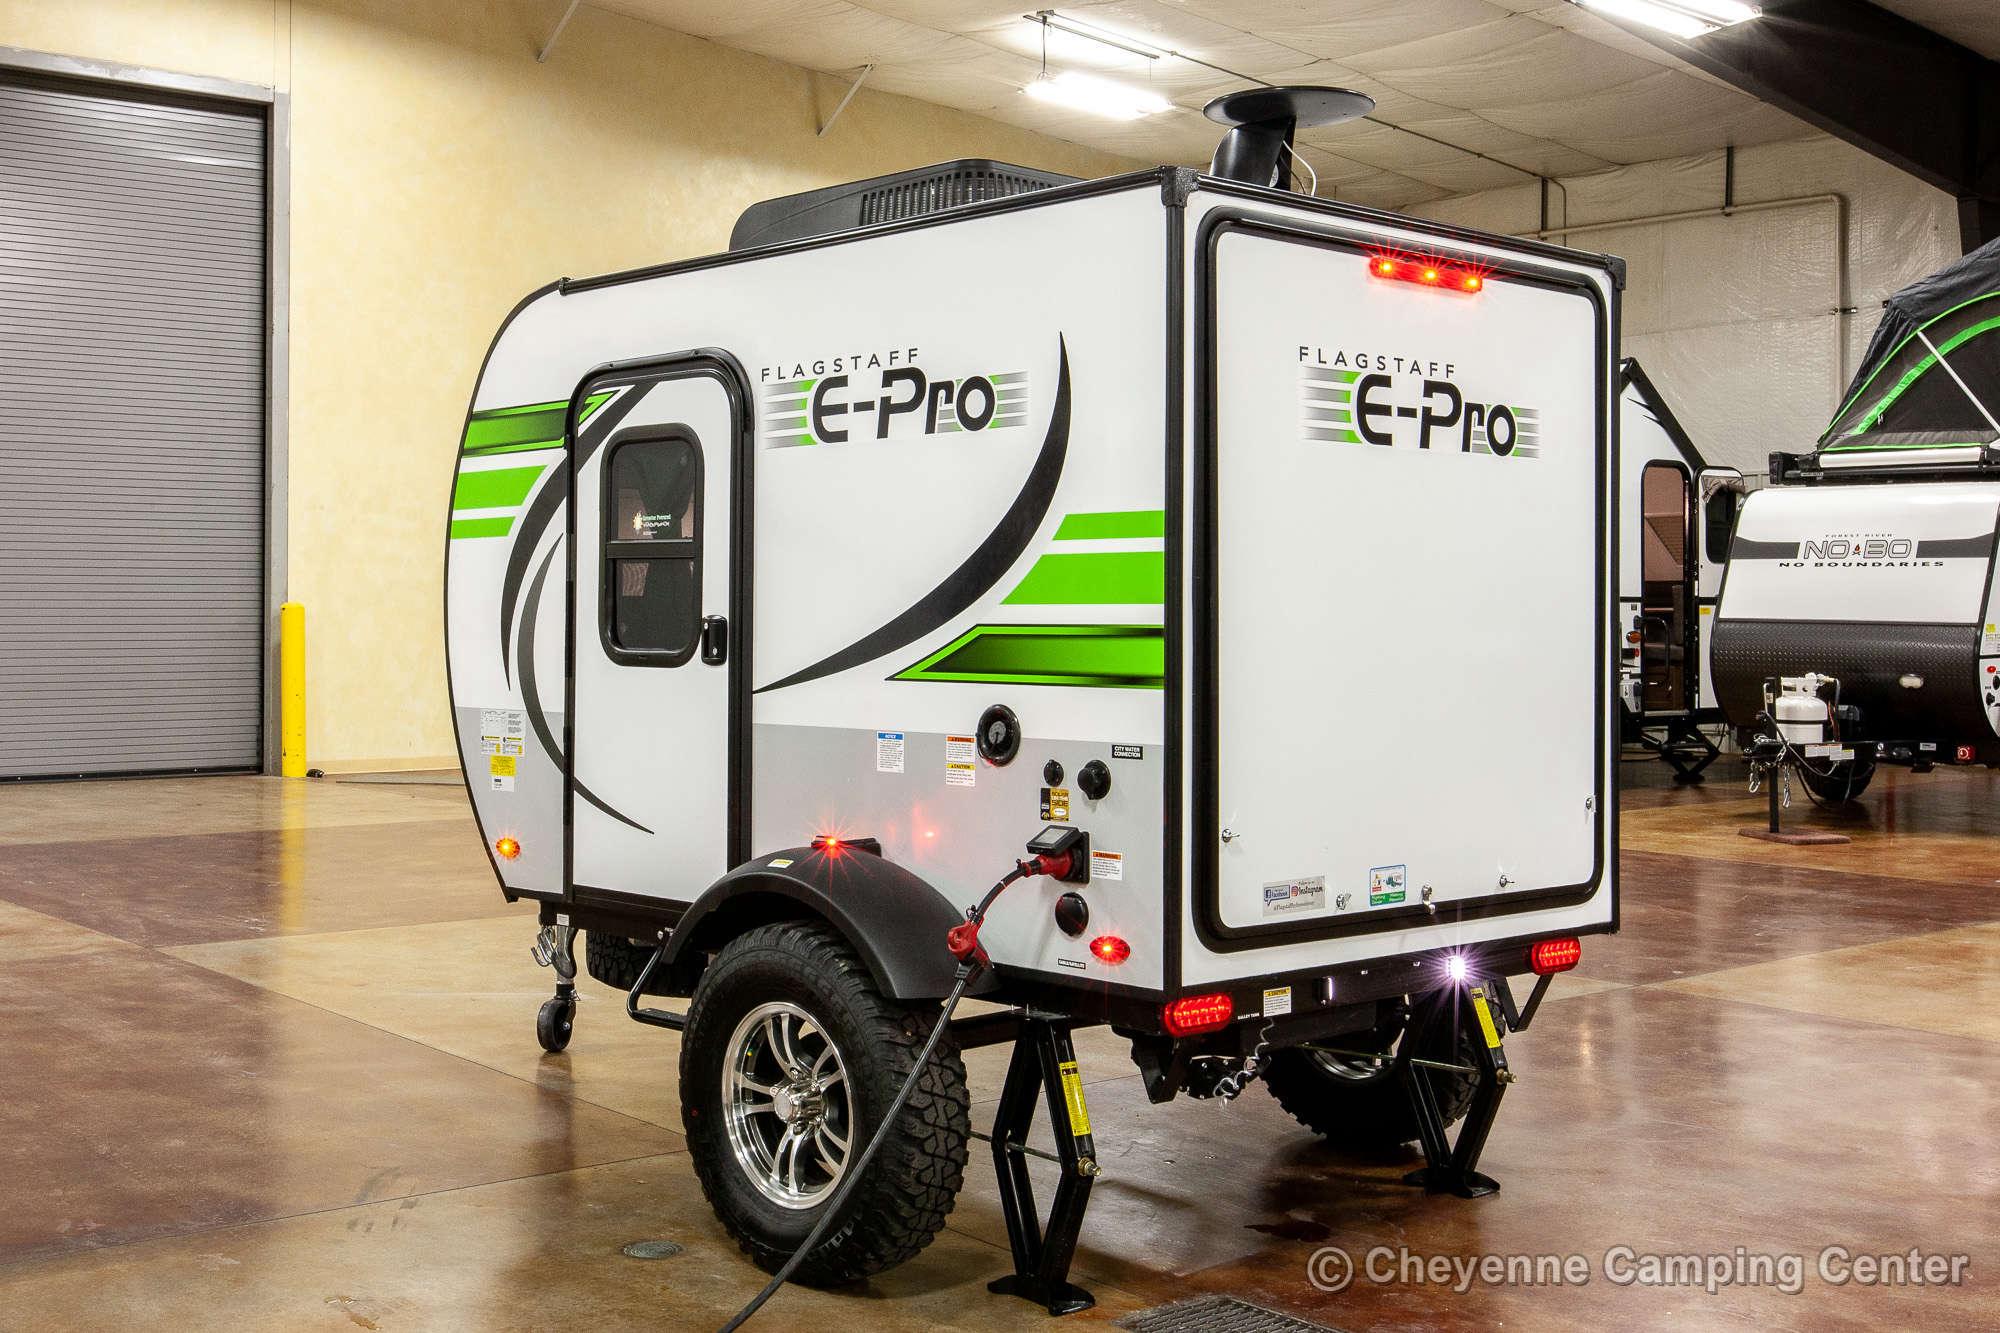 2021 Forest River Flagstaff E-Pro E12RK Travel Trailer Exterior Image